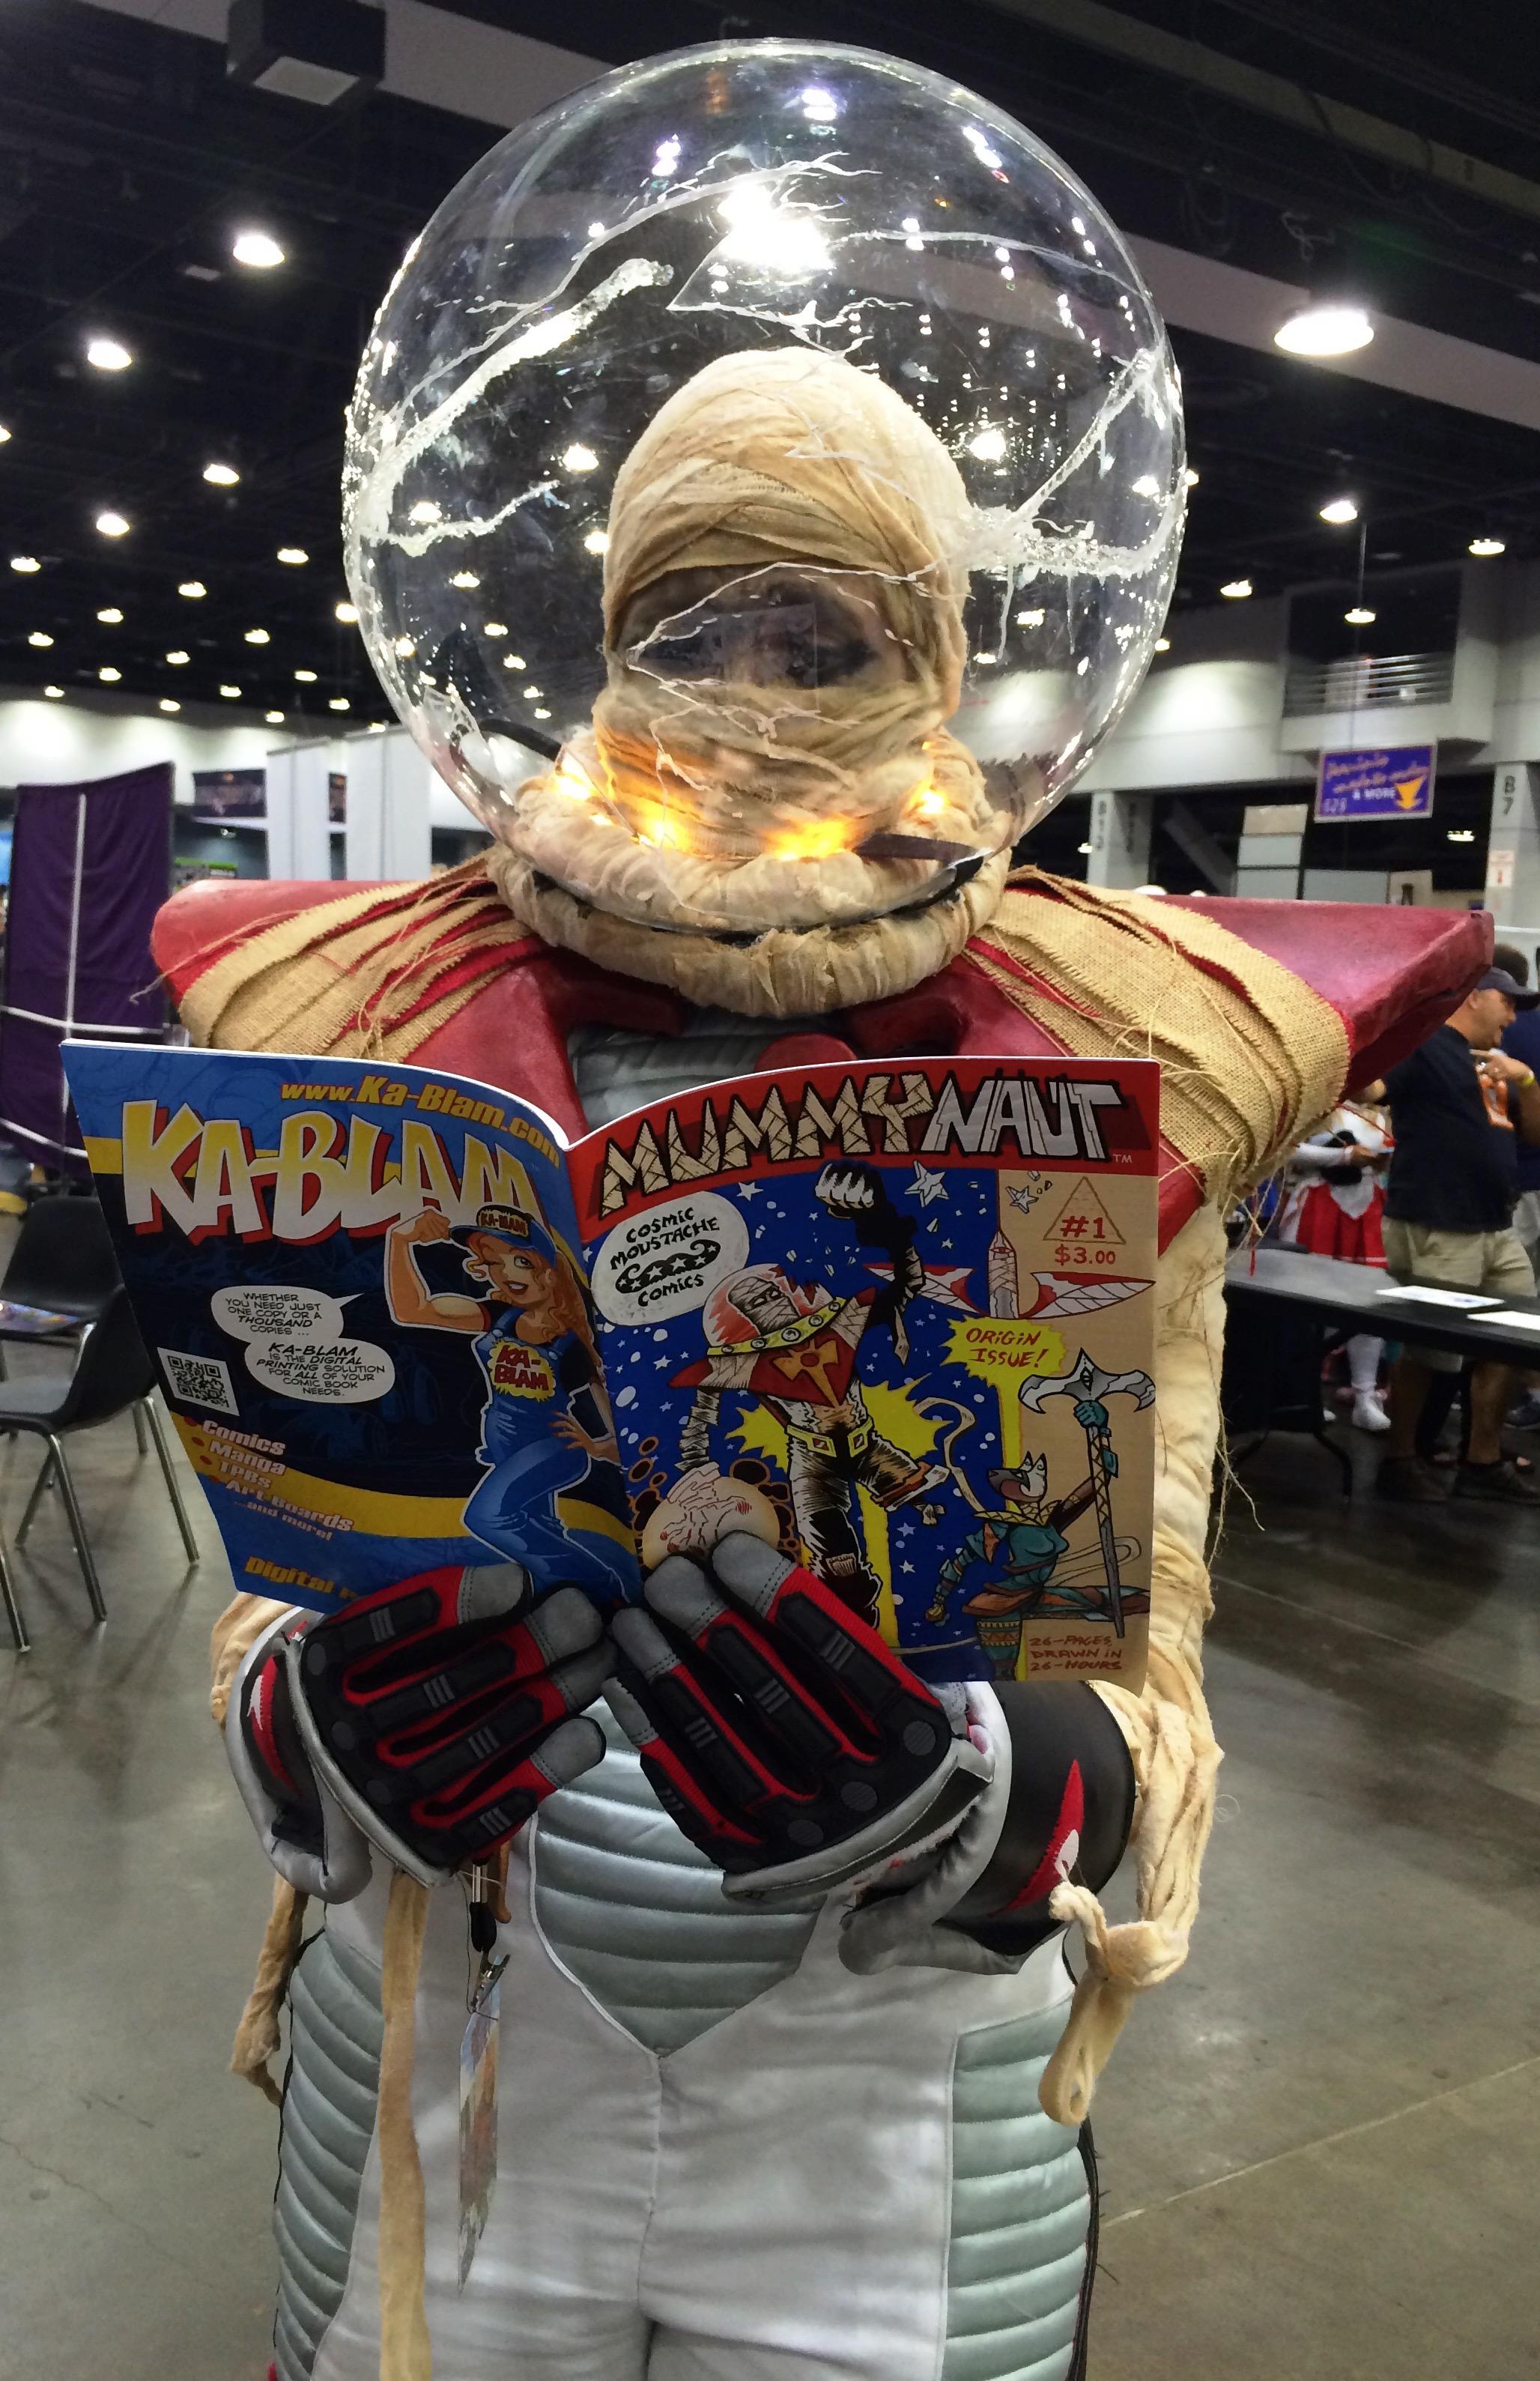 Mummynaut reads Mummynaut!